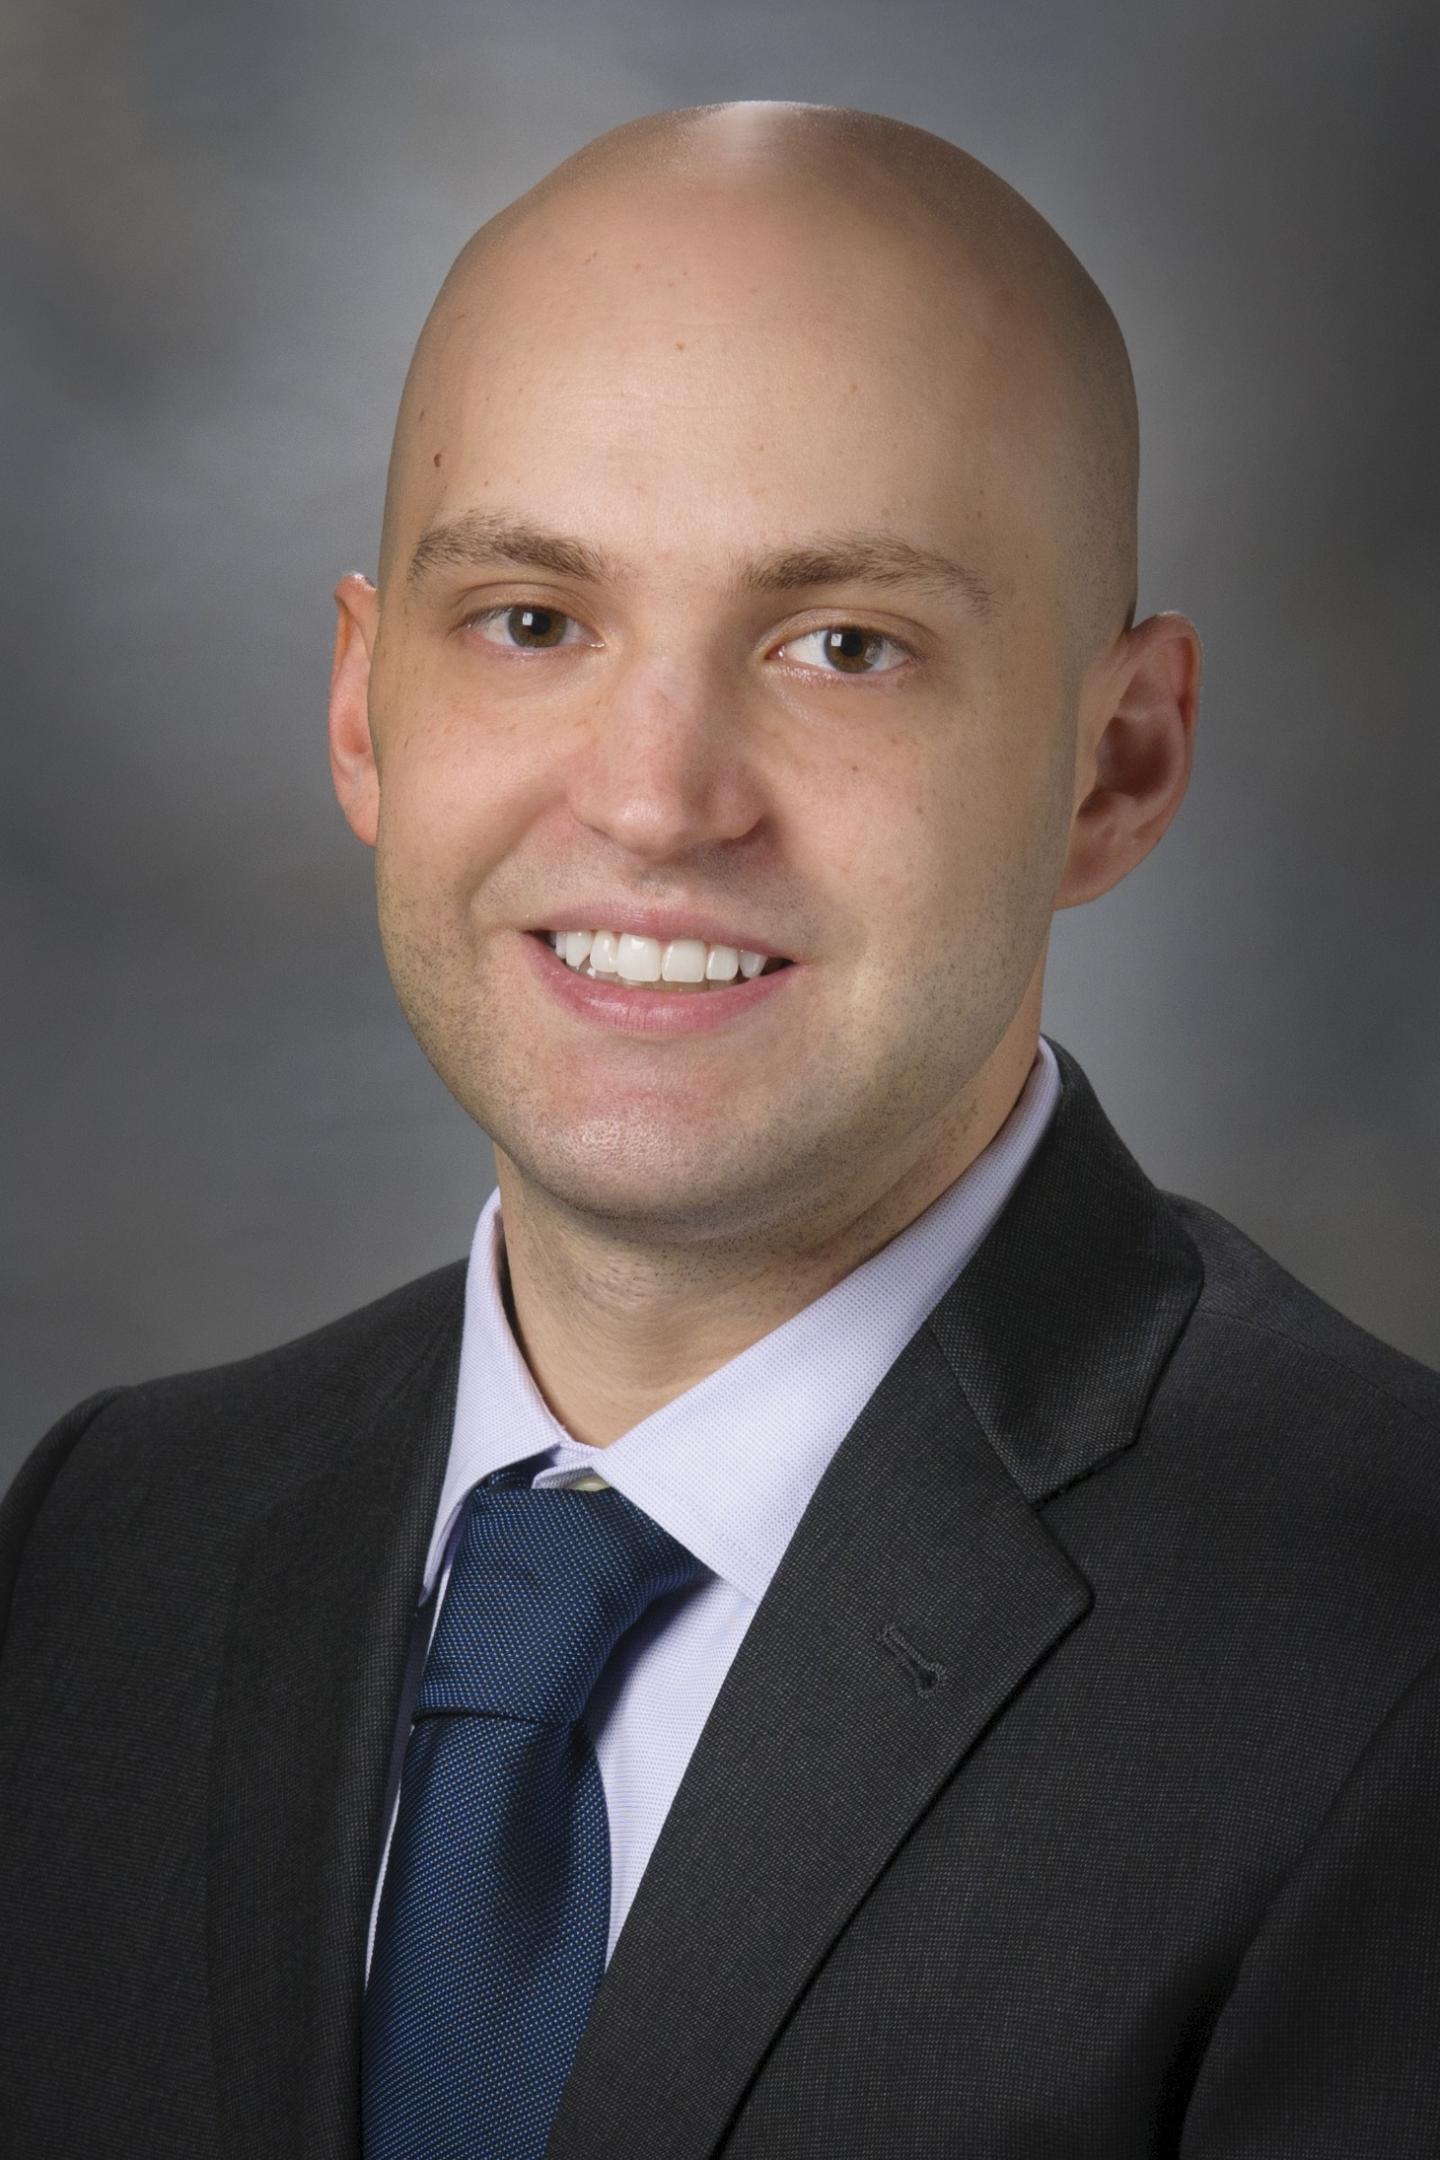 Nicholas Short, M.D.